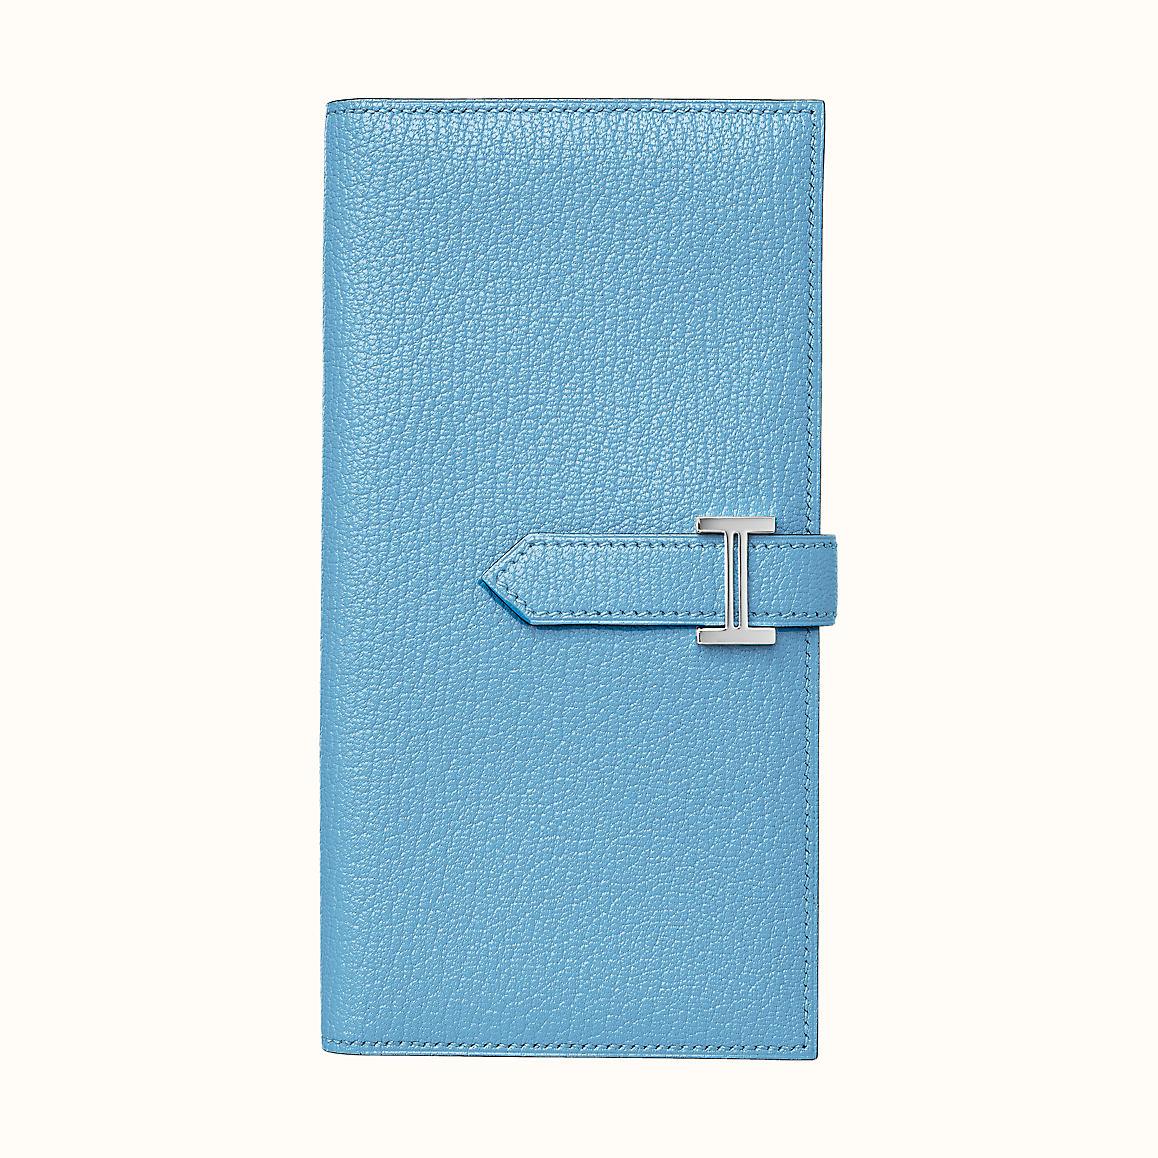 40代女性に似合うエルメスの財布